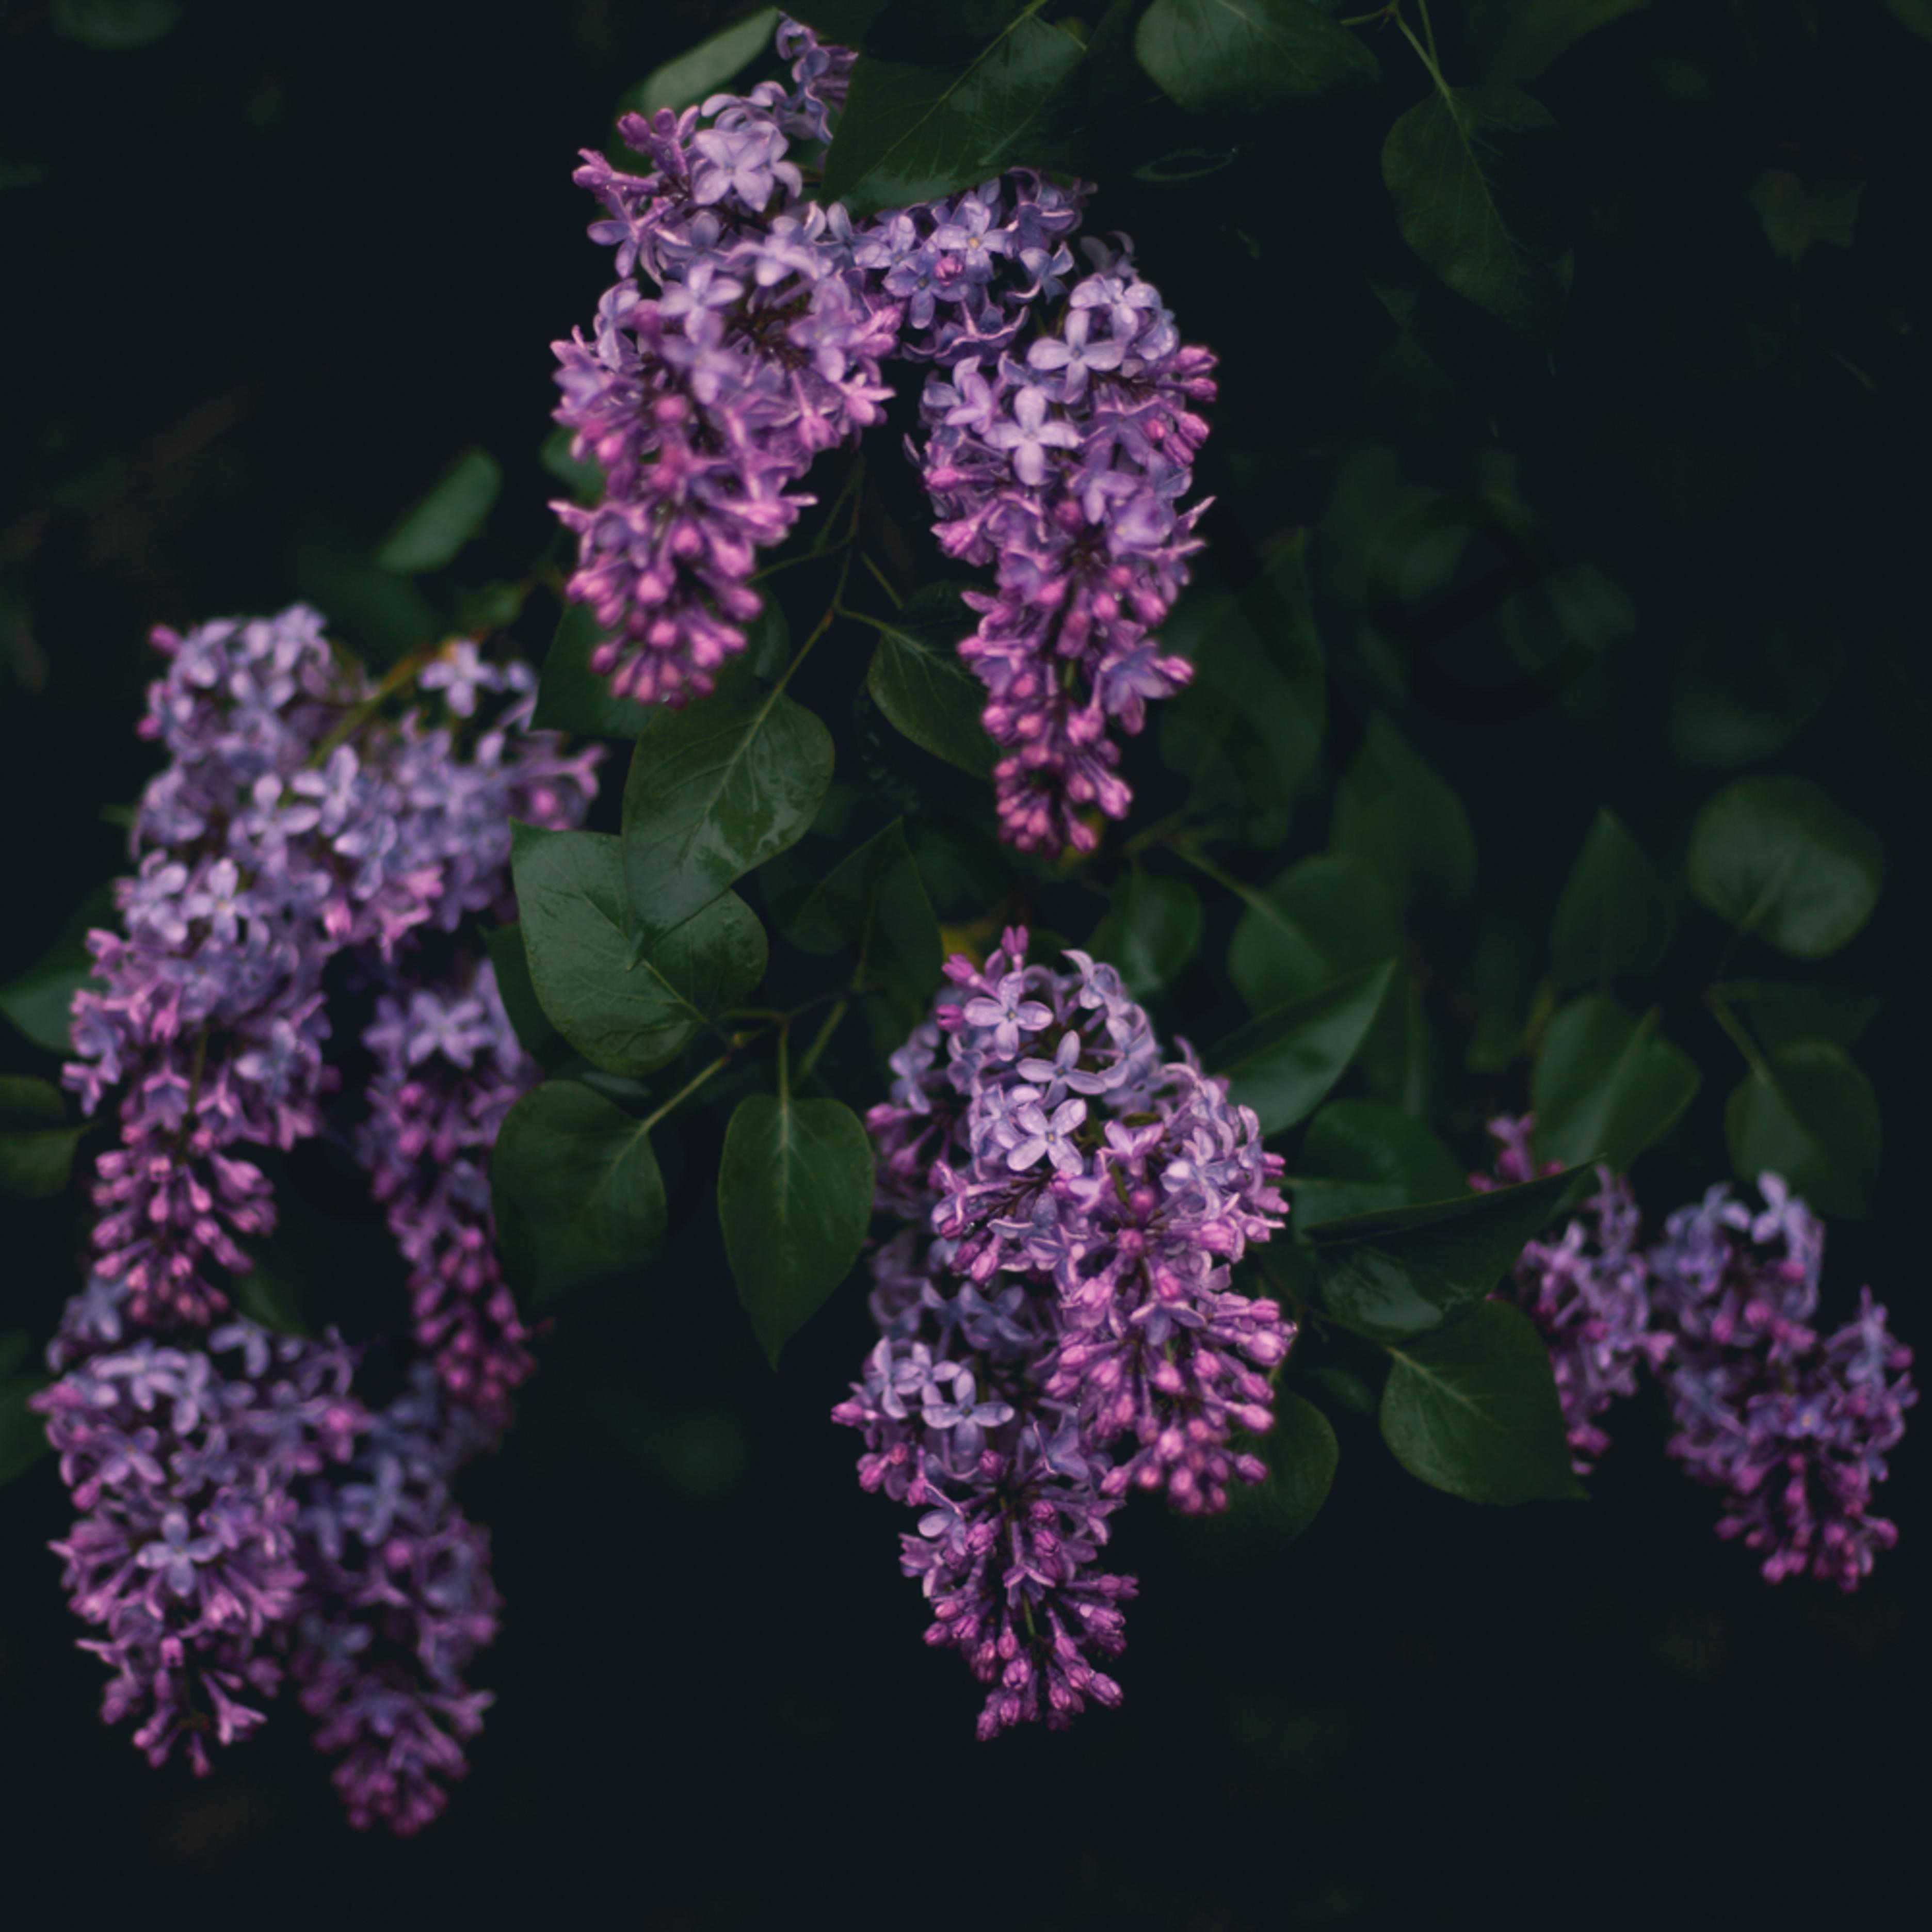 Moody lilacs ug26ge